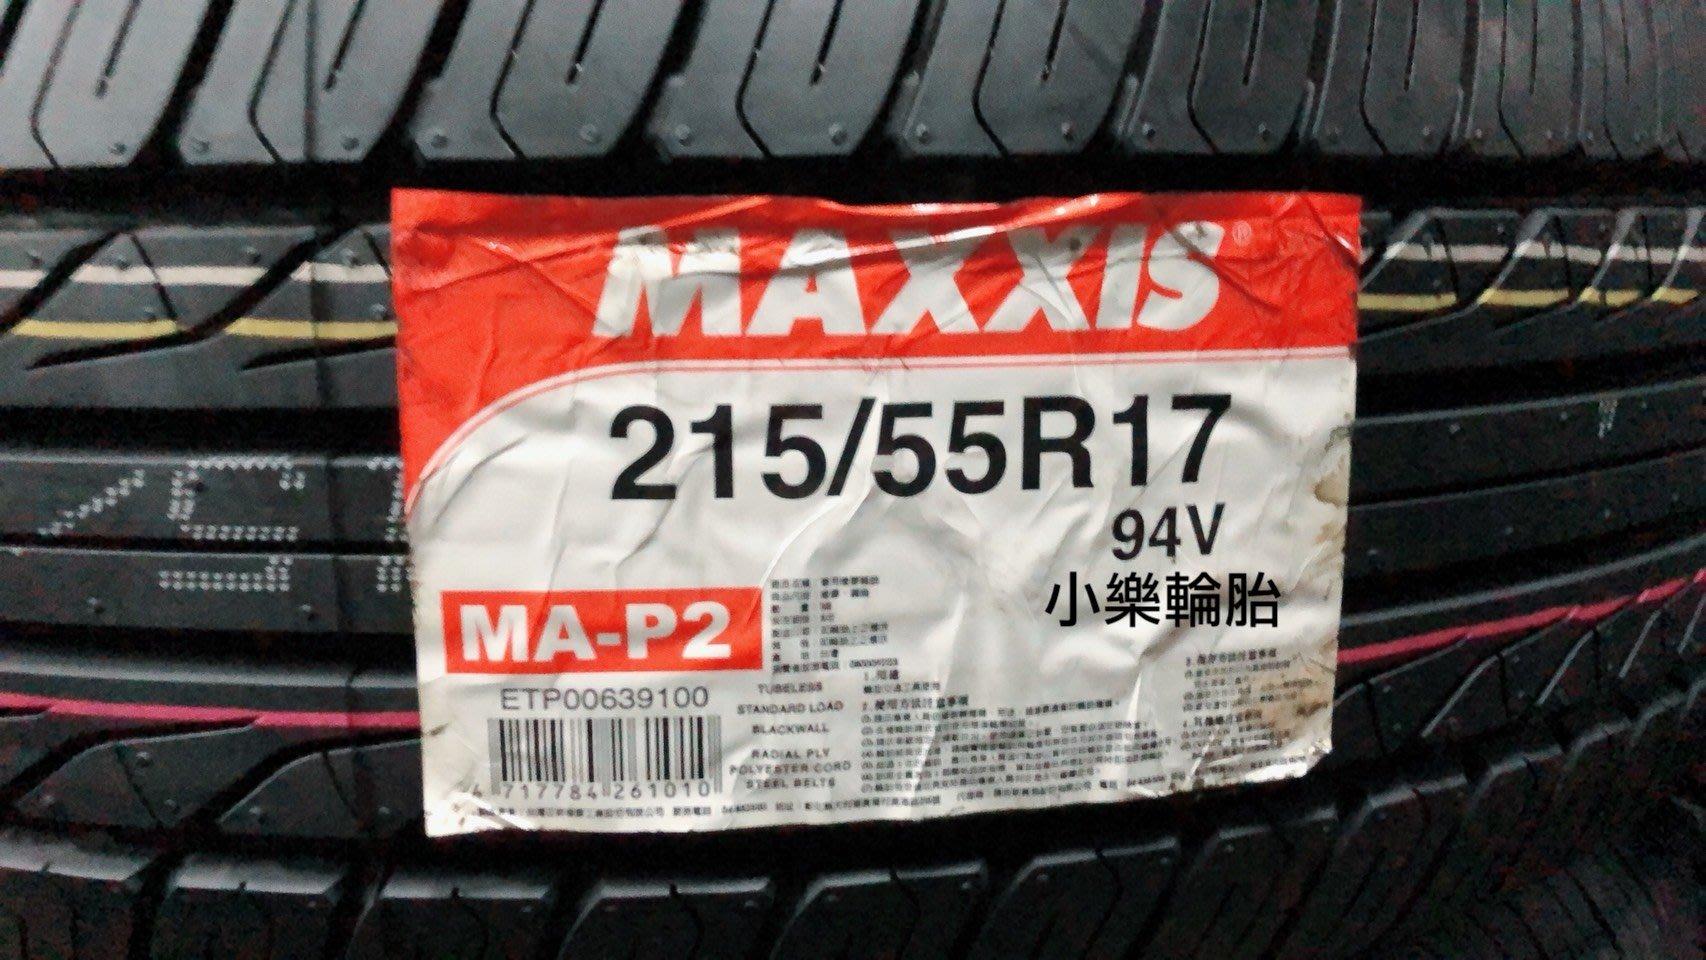 瑪吉斯 MA-P2 map2 map2 215/55/17 實店安裝 現貨供應 歡迎來電洽詢預約《小樂輪胎倉庫》